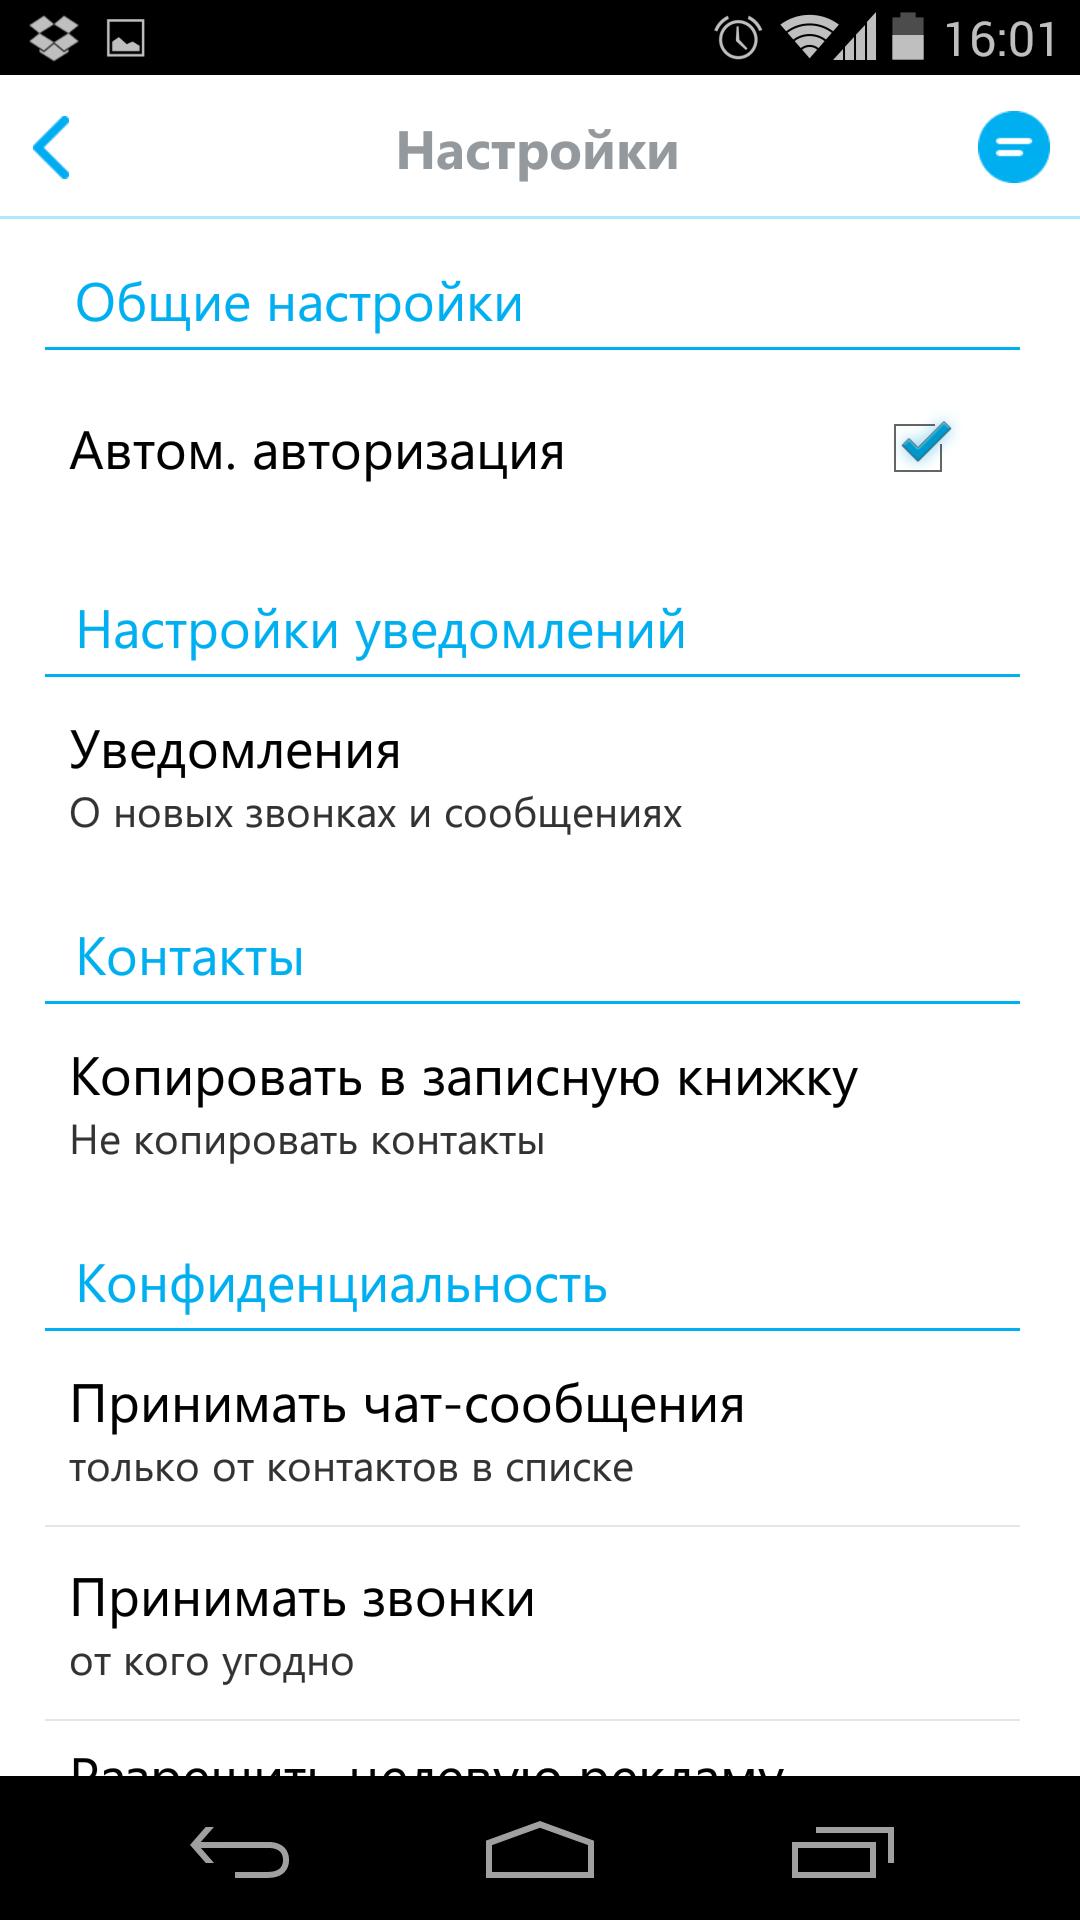 Обзор Новой версии программы skype 8.10.20069 …